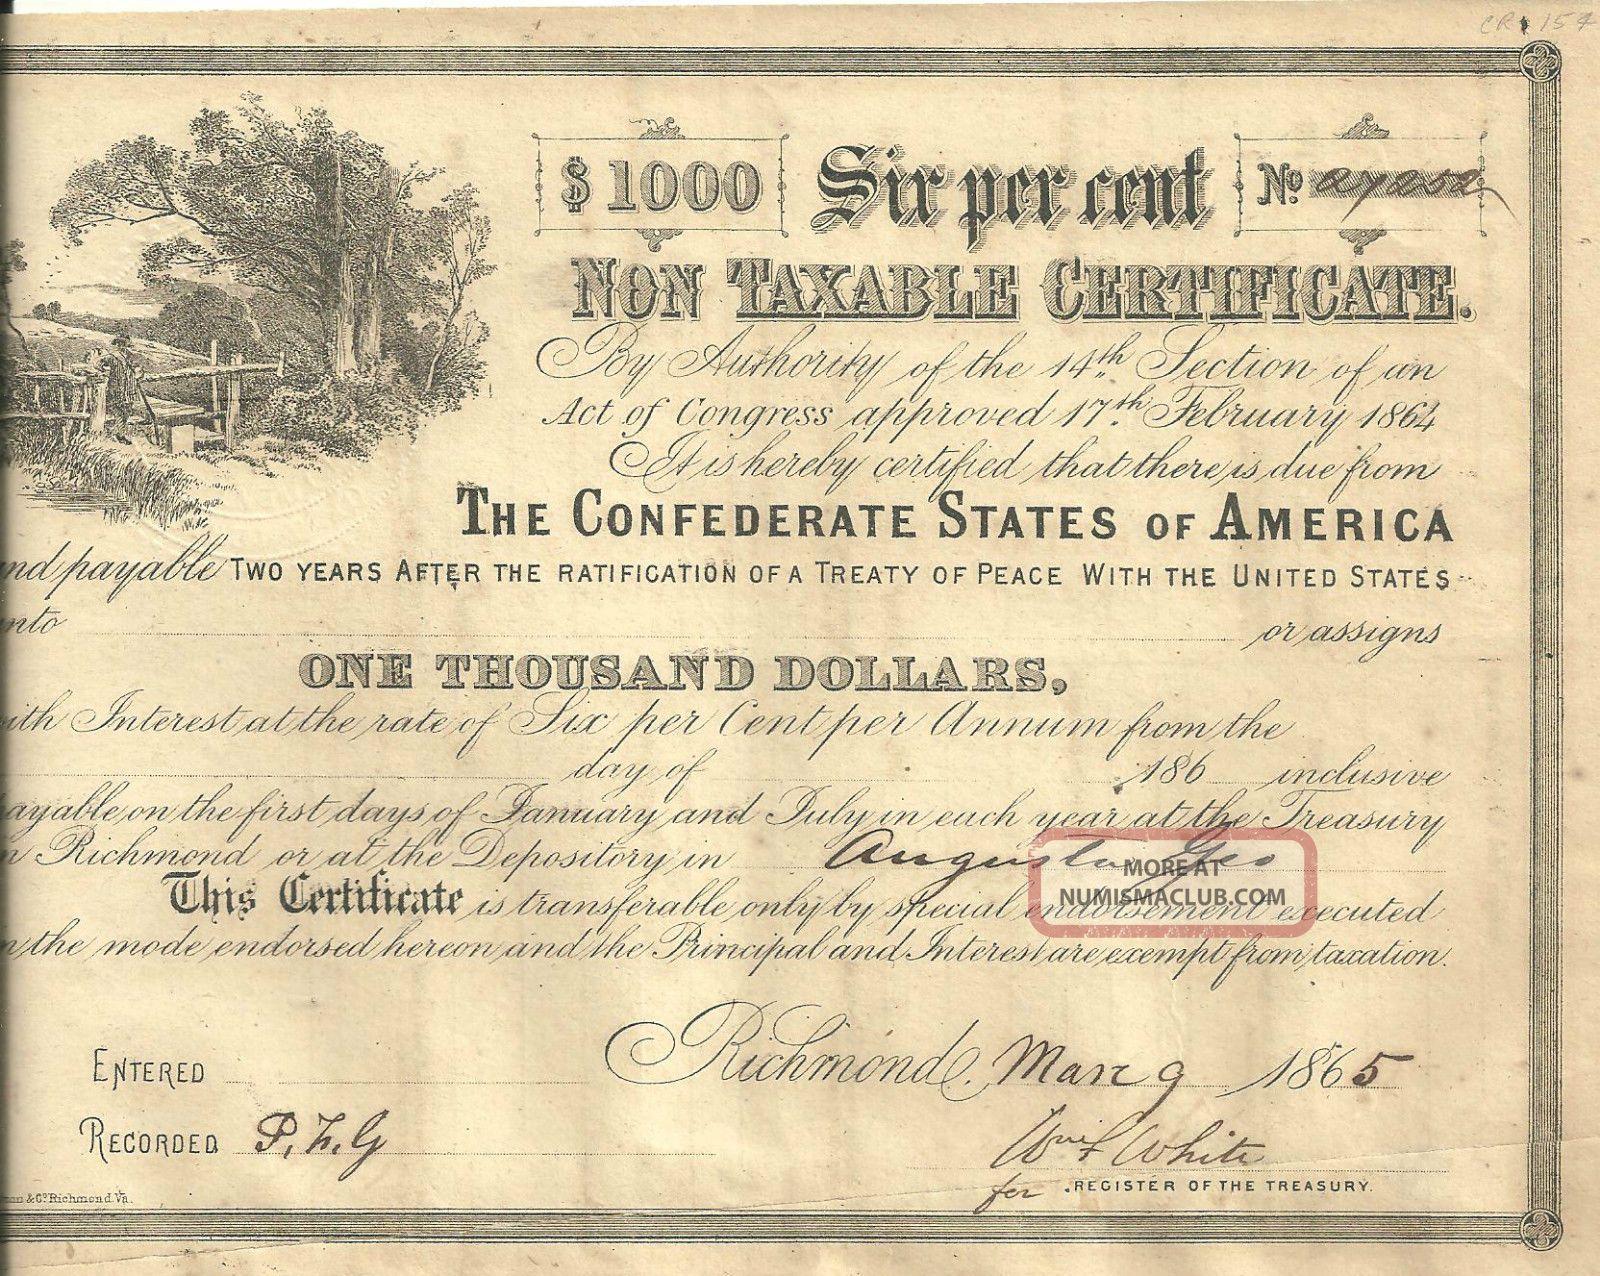 United States$1000 Confederate States Of America 6 Non Taxable Cert 3 - 9 - 1865. World photo